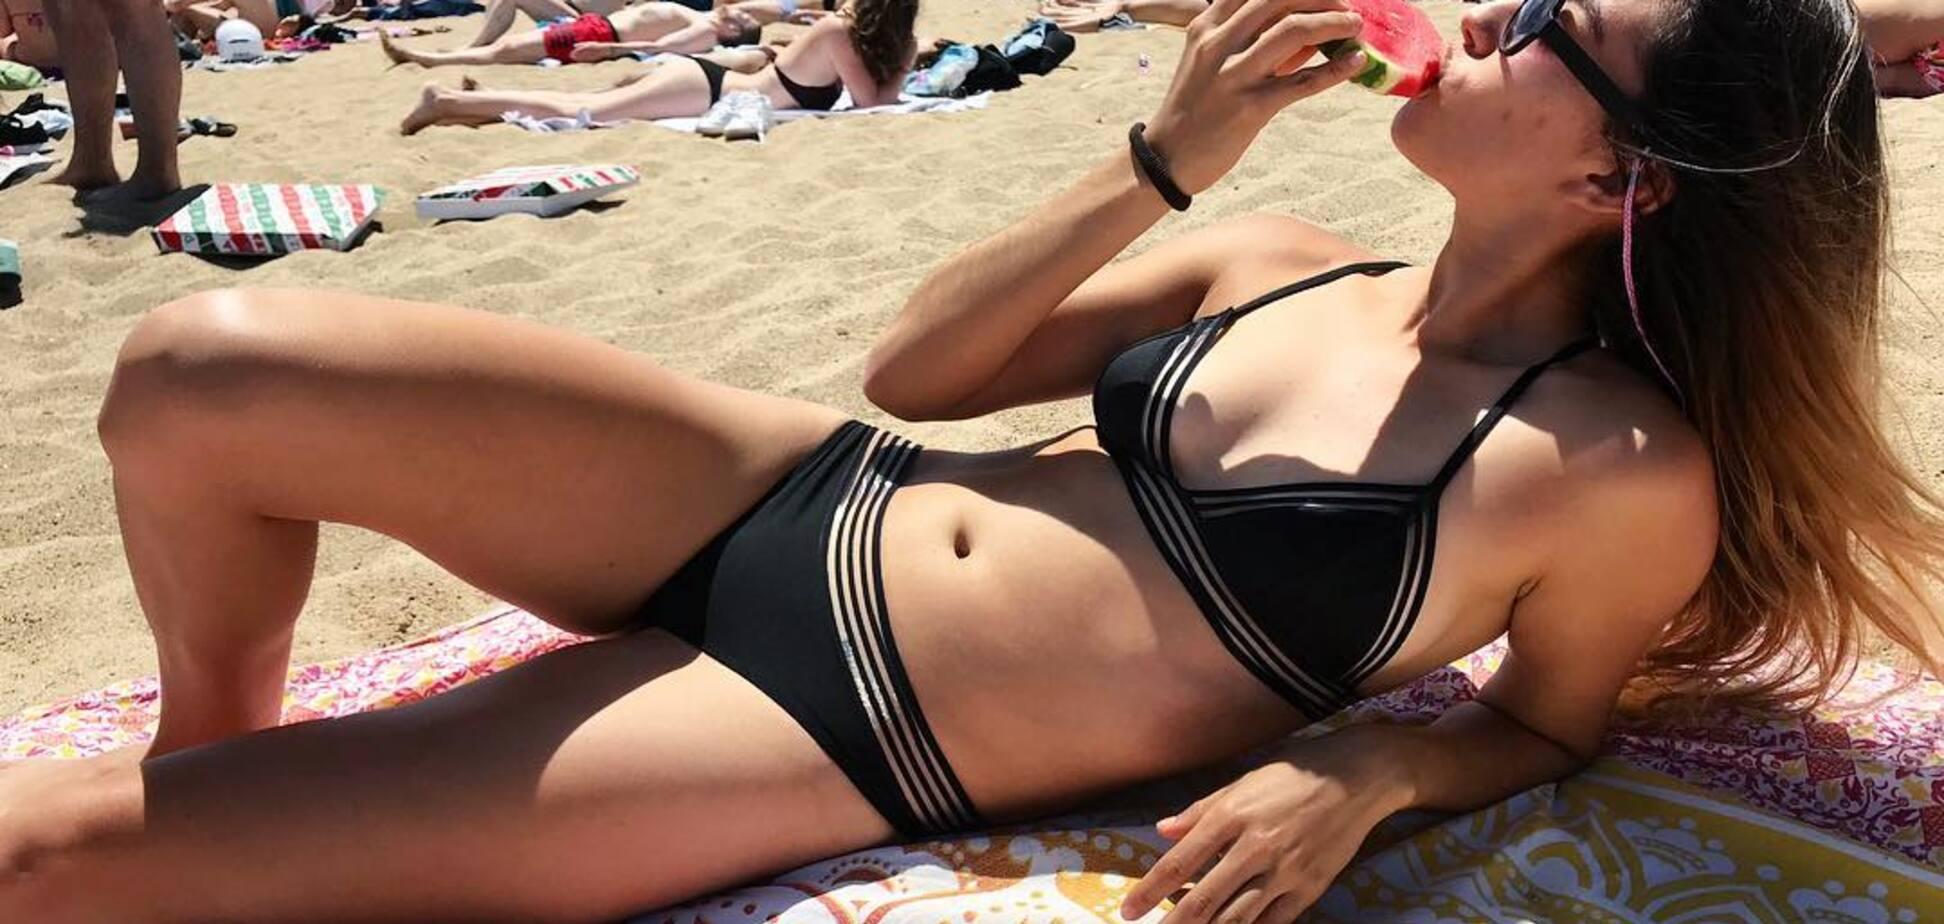 Спортивна журналістка Дені Белламі захопила фігурою в купальнику